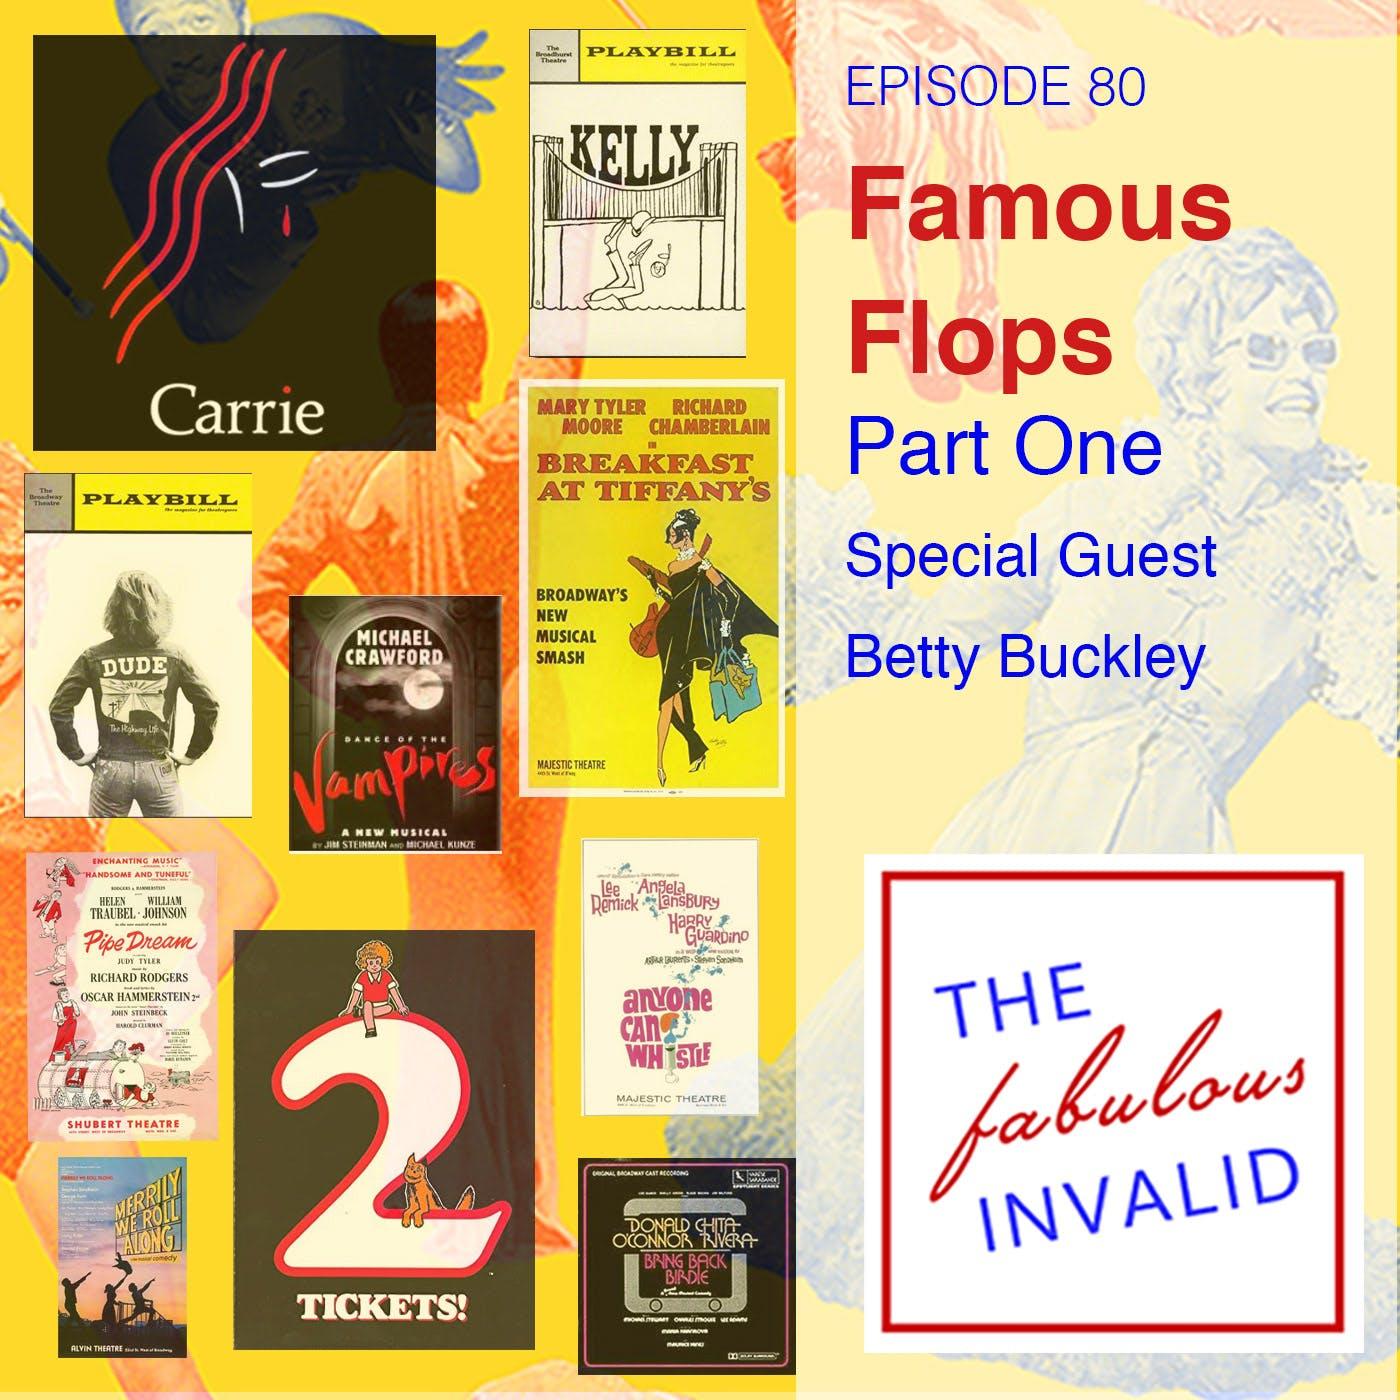 Episode 80: Famous Flops: Part One